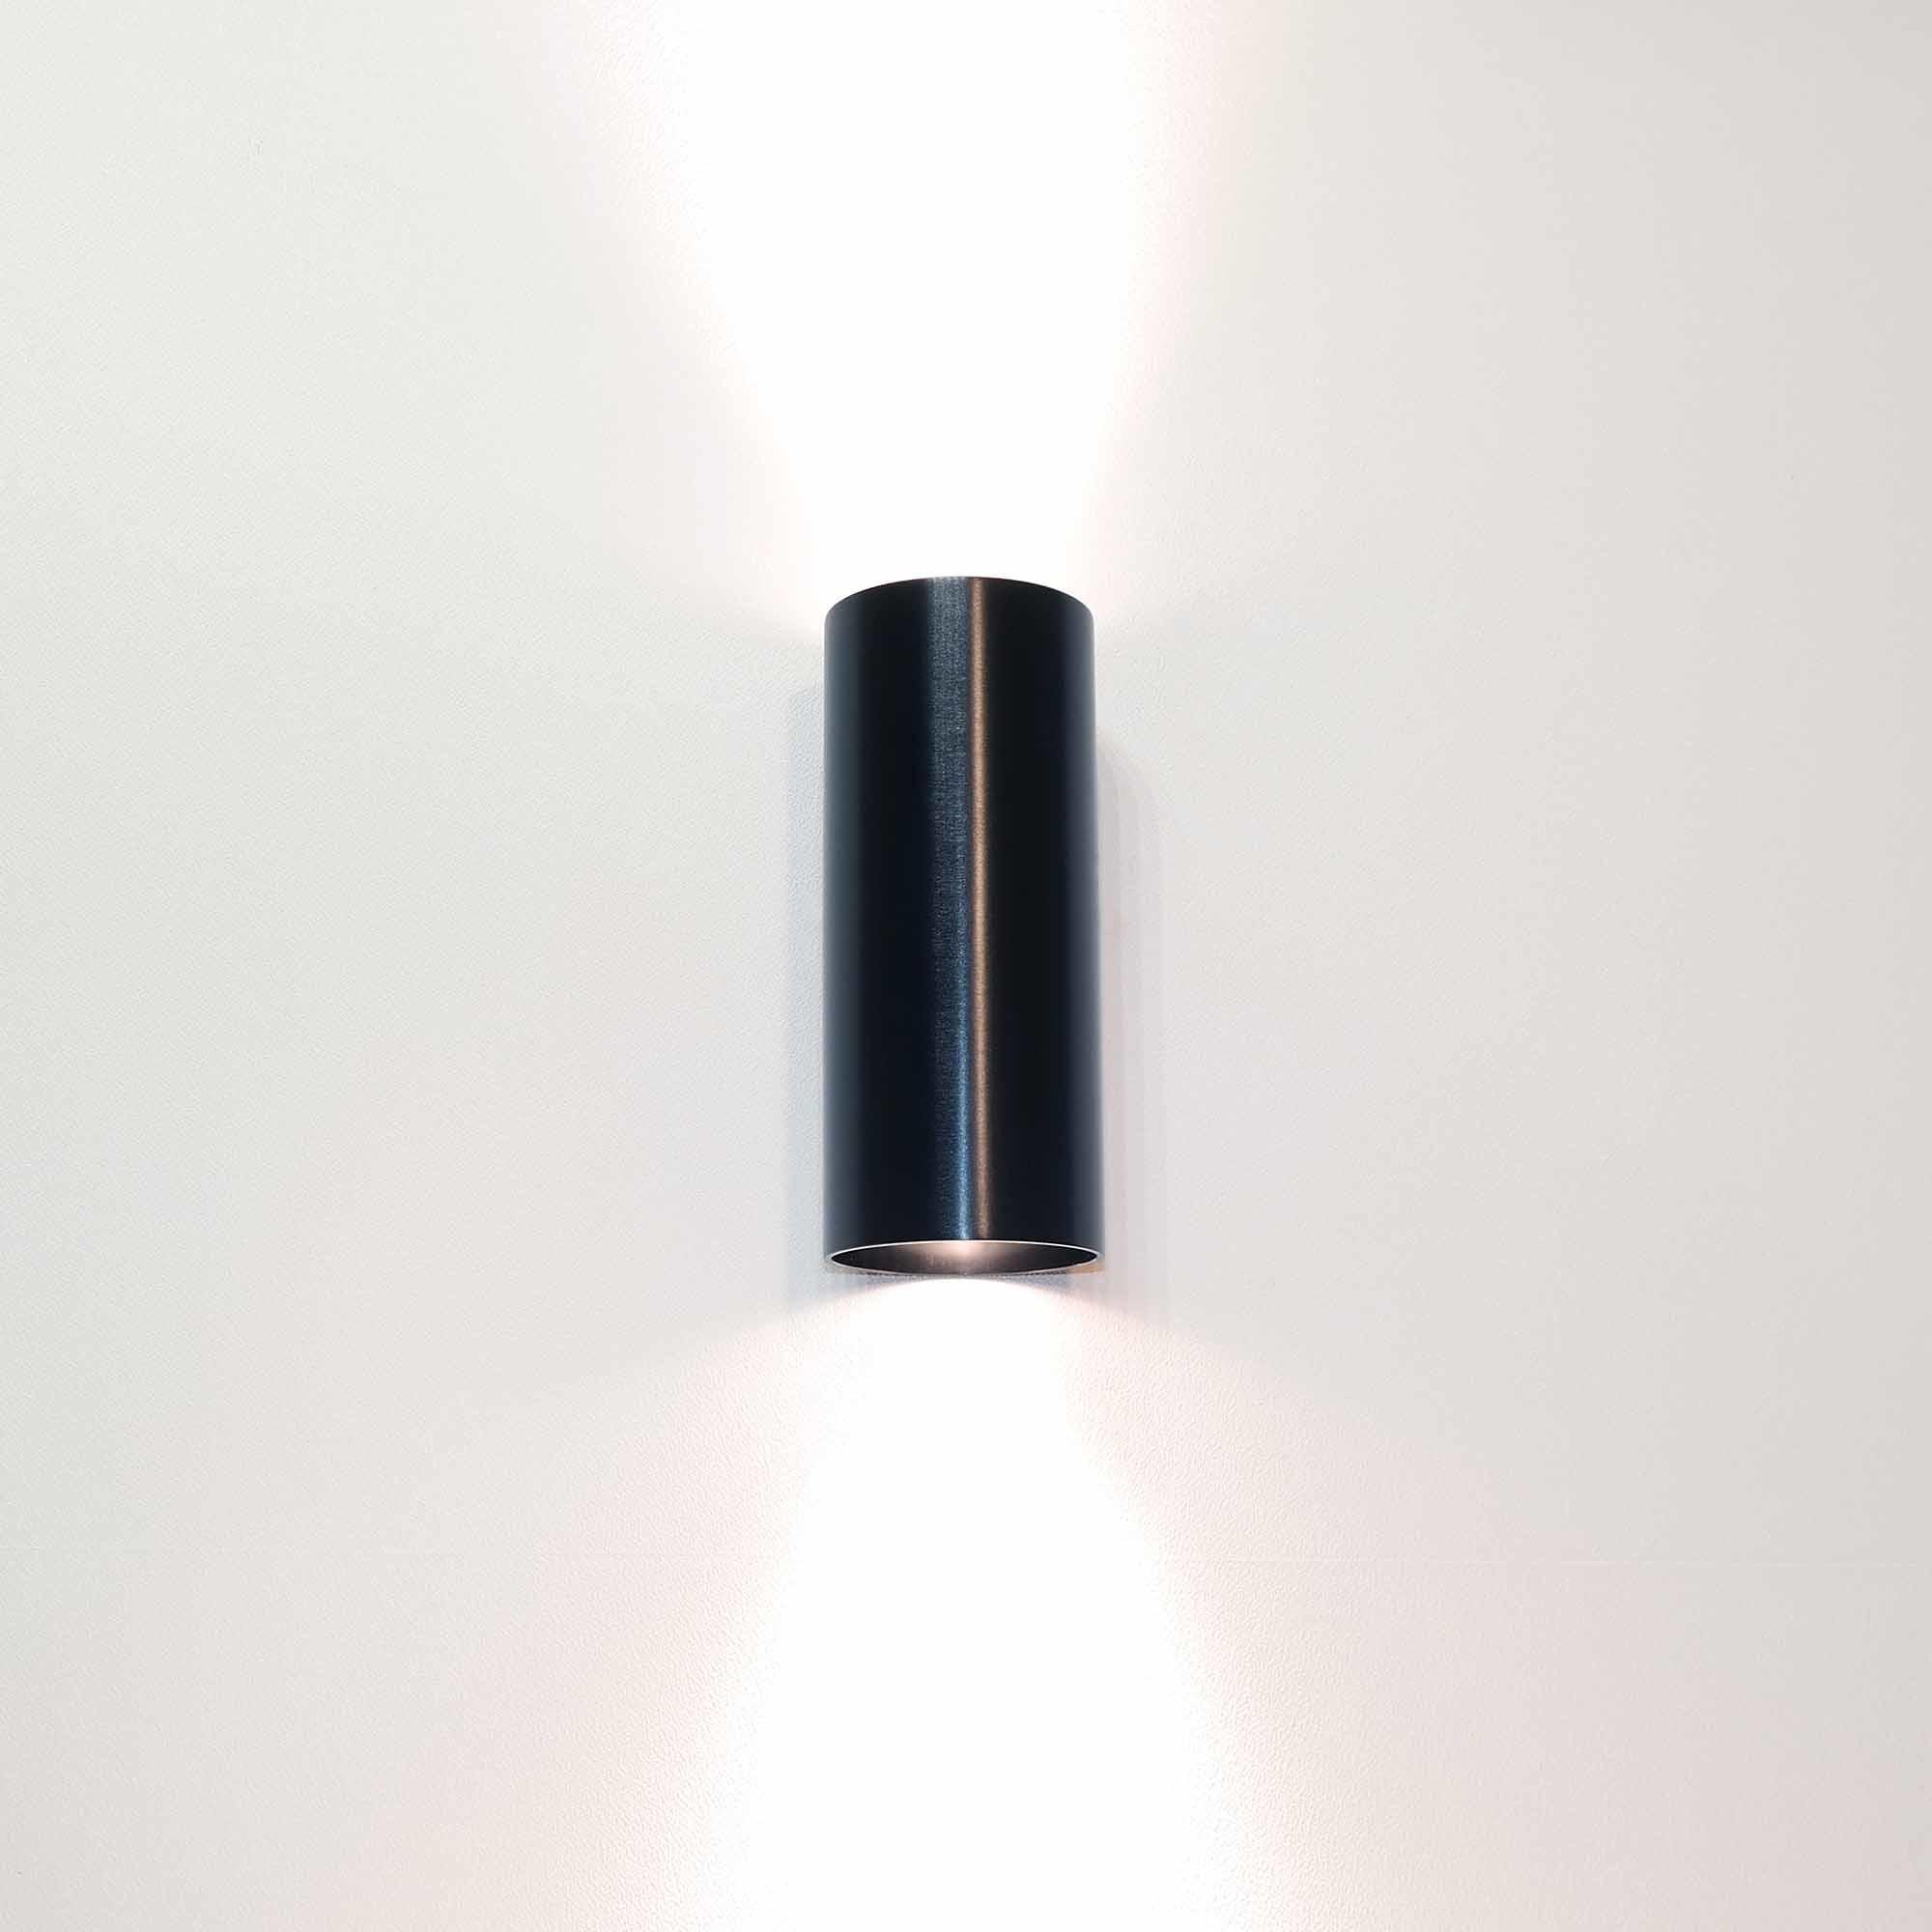 Artdelight Wandlamp Roulo 2 lichts H 15,4 Ø 6,5 cm zwart